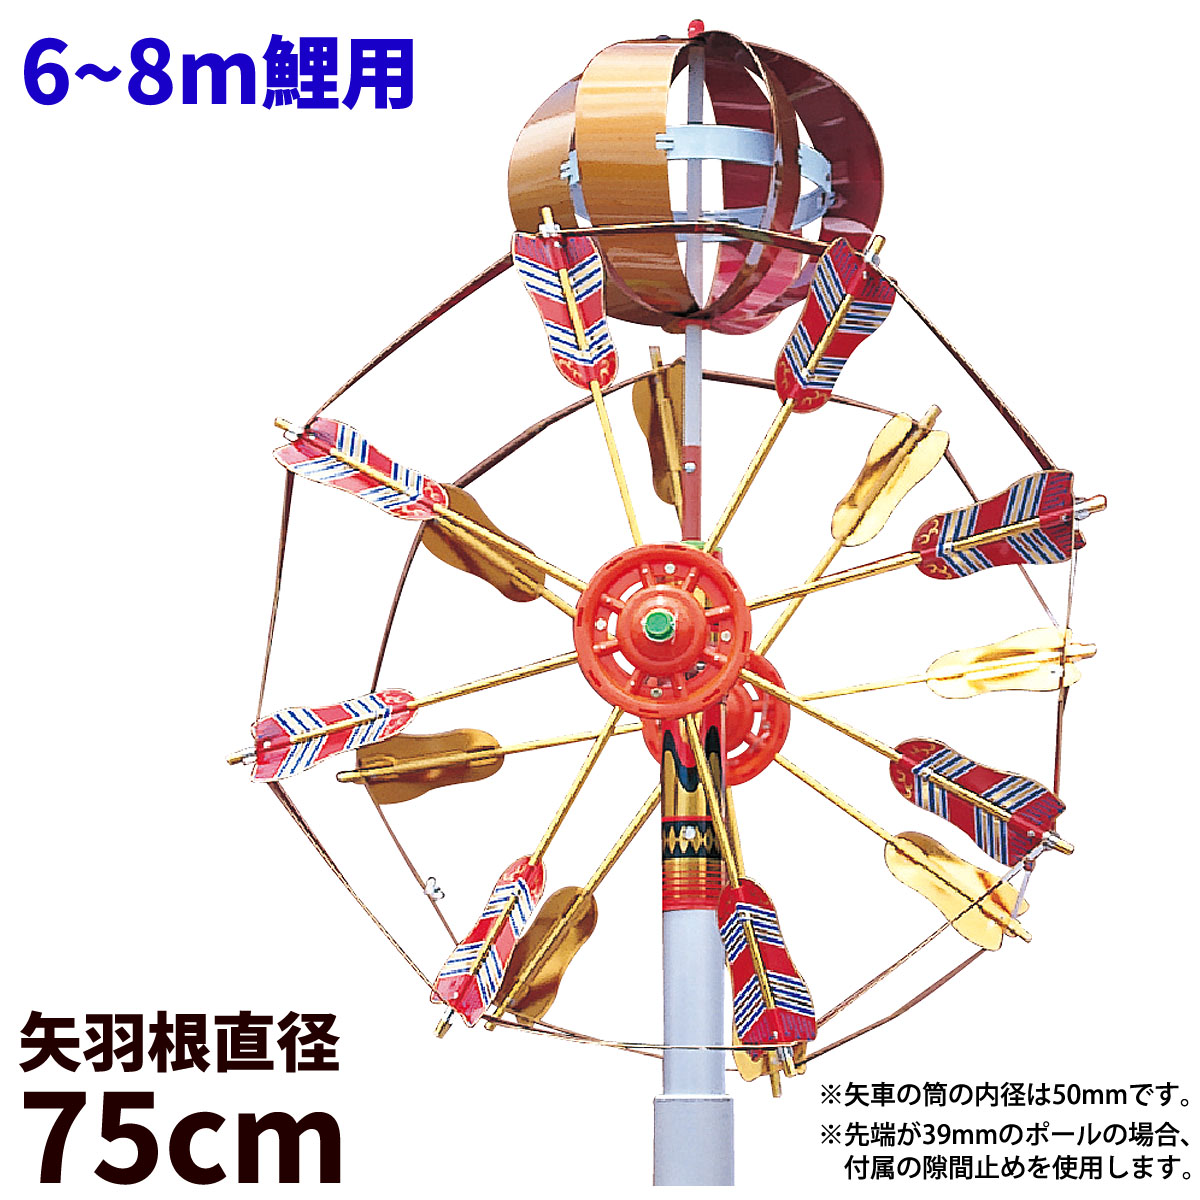 矢車セット 鯉のぼり用矢車 ロイヤル矢車セットロイヤル3 6~8m鯉用